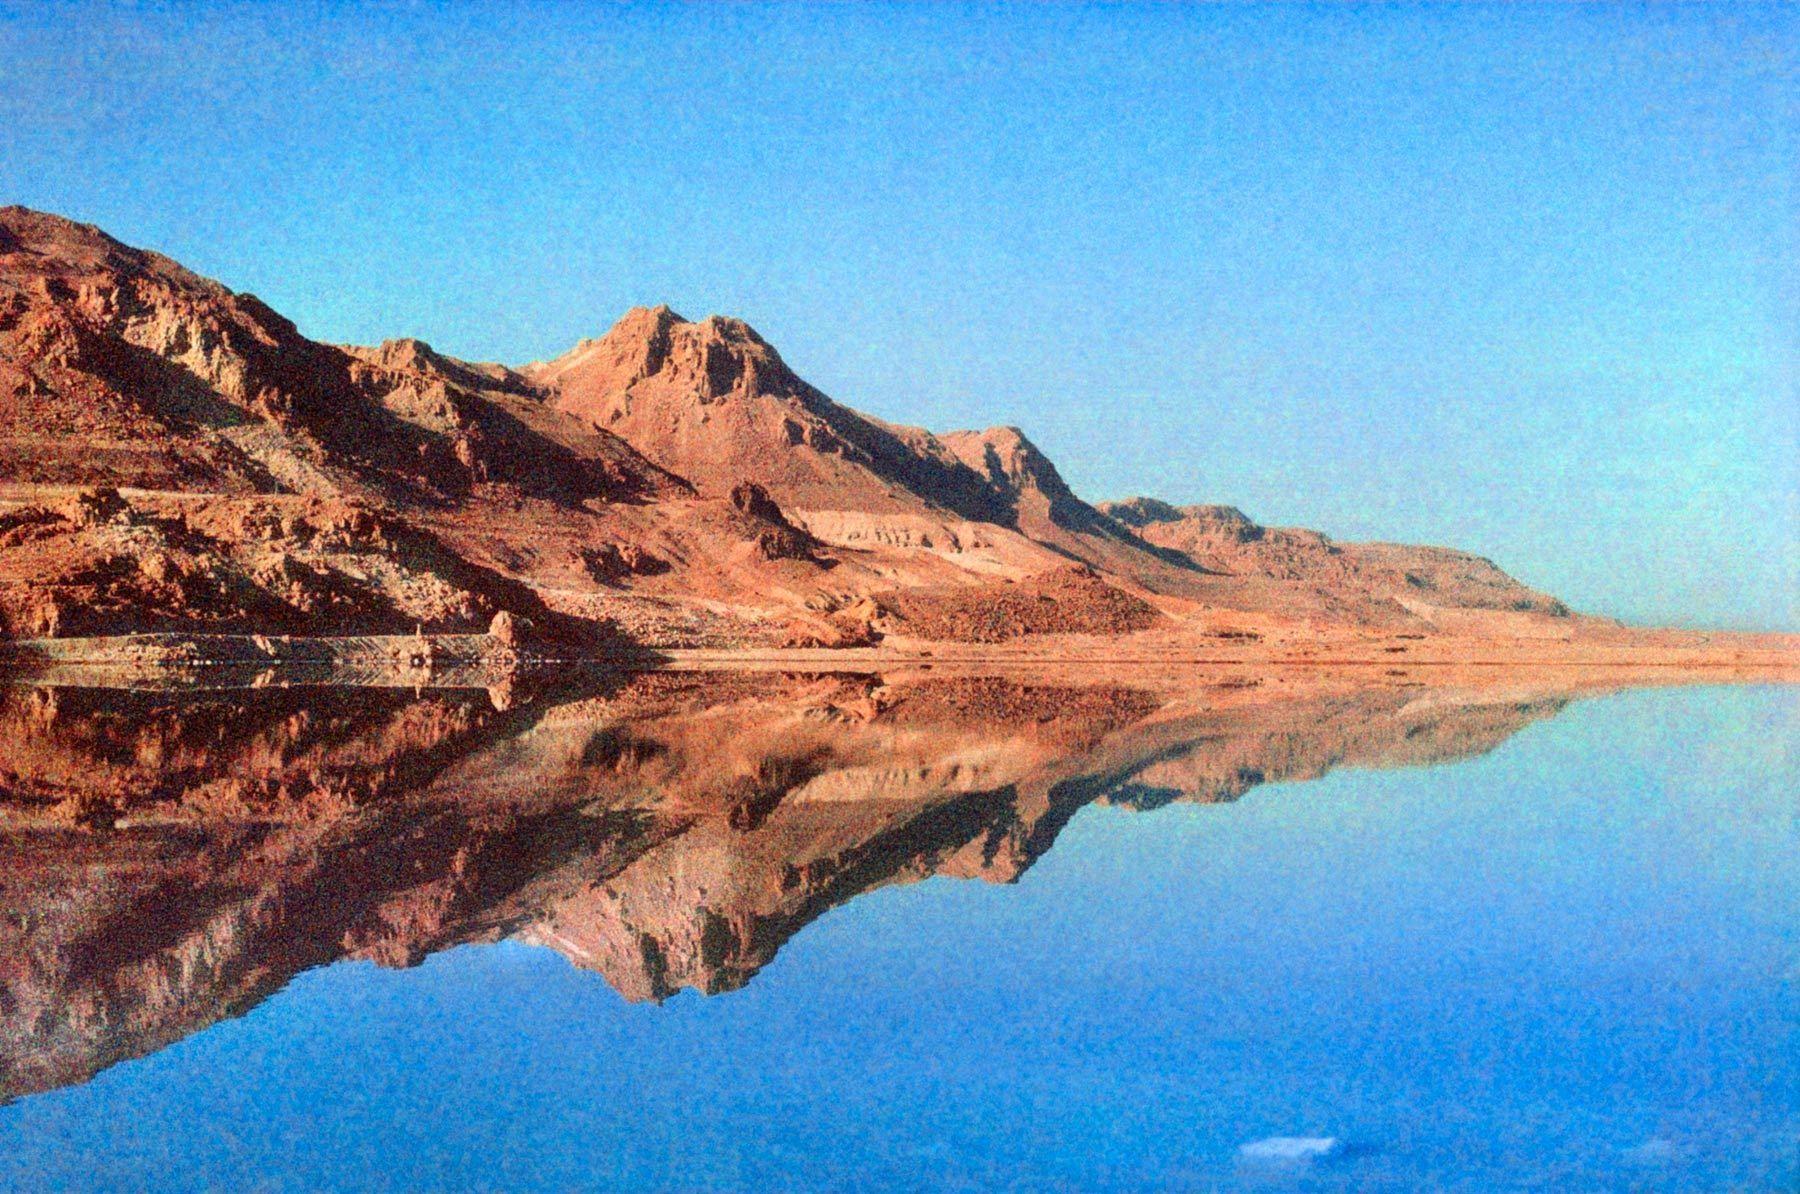 Mirror Image, the Dead Sea